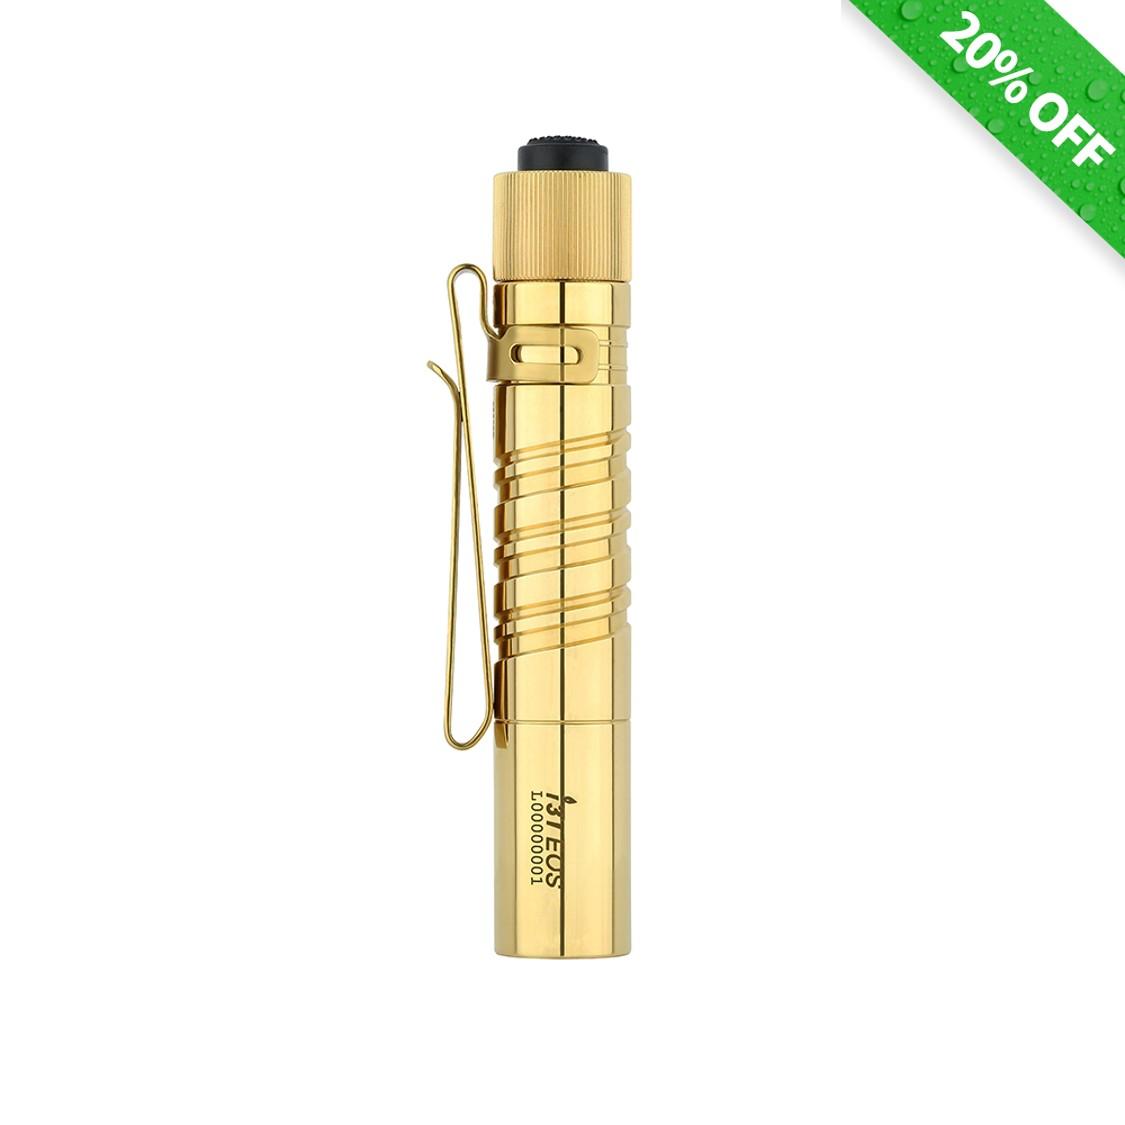 Olight i3T Brass